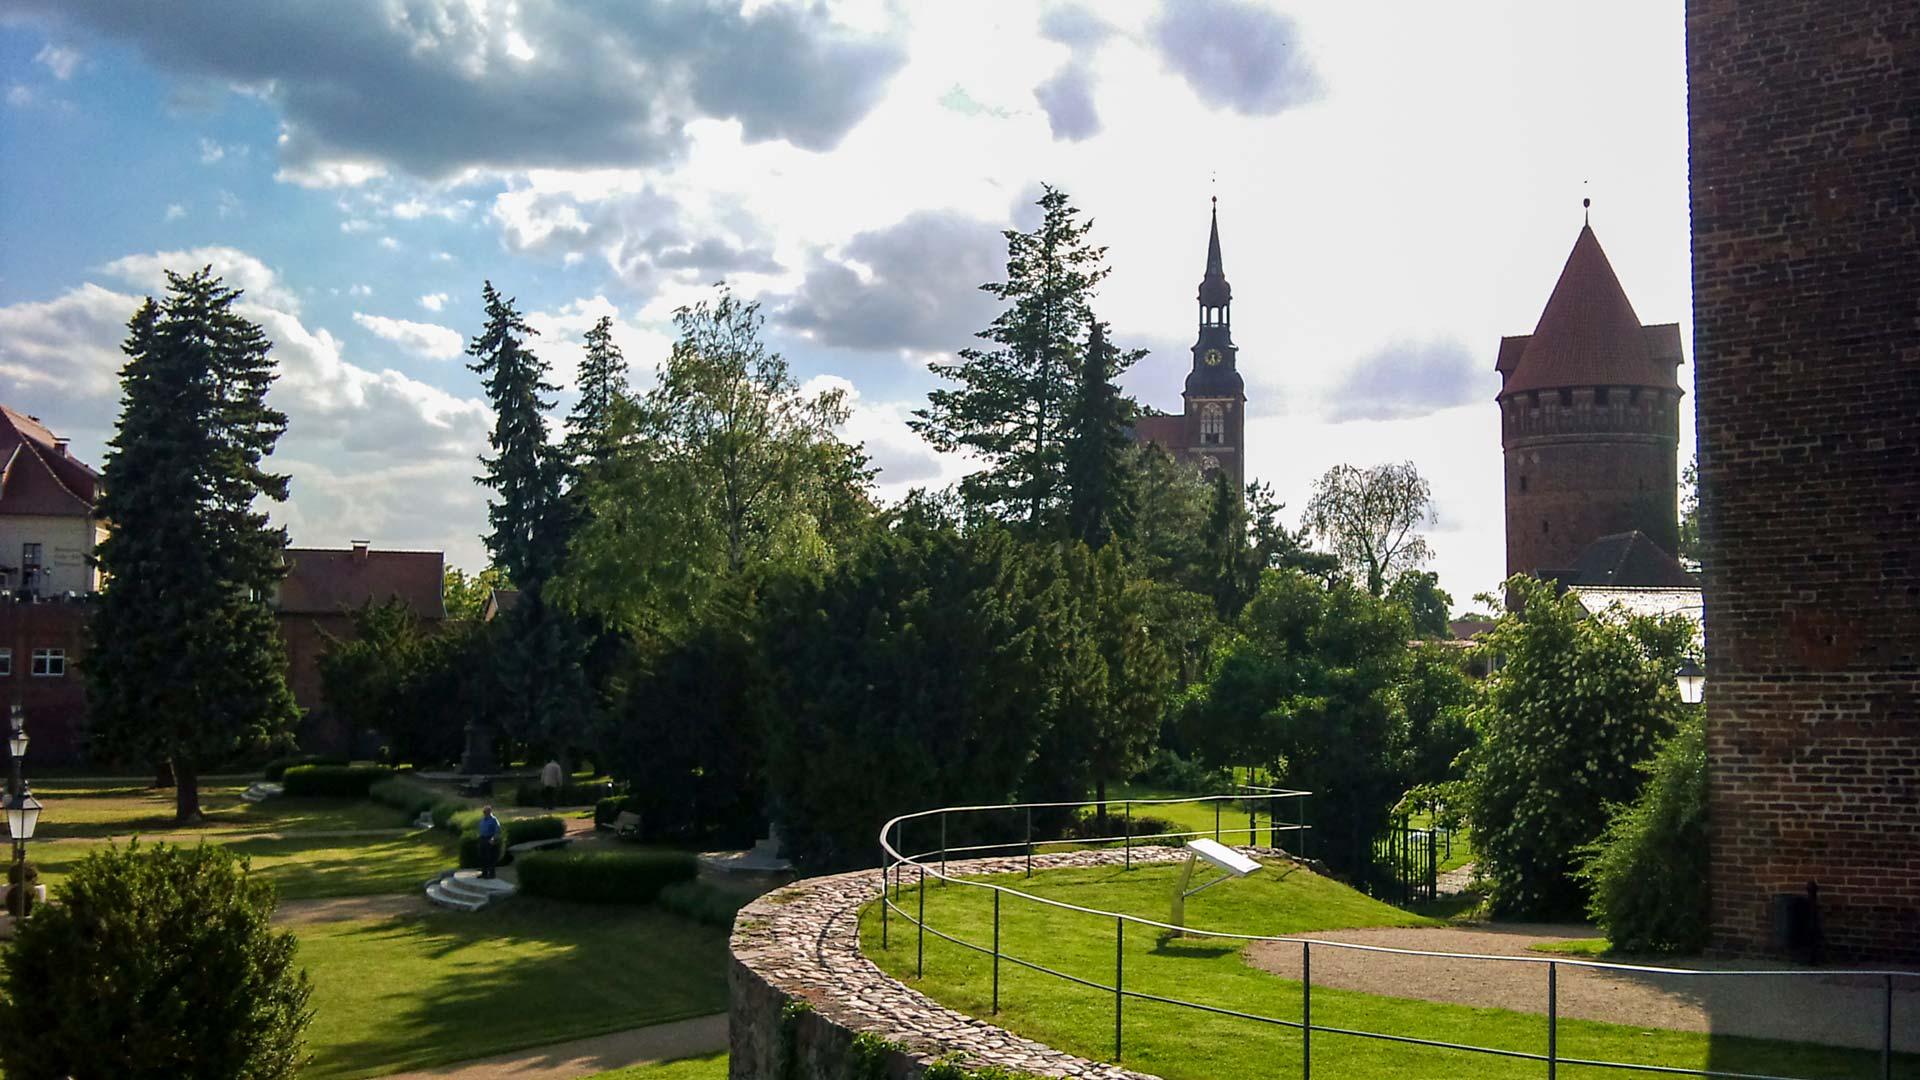 Der Garten auf der Burg mit viel Grün und recht idyllisch.